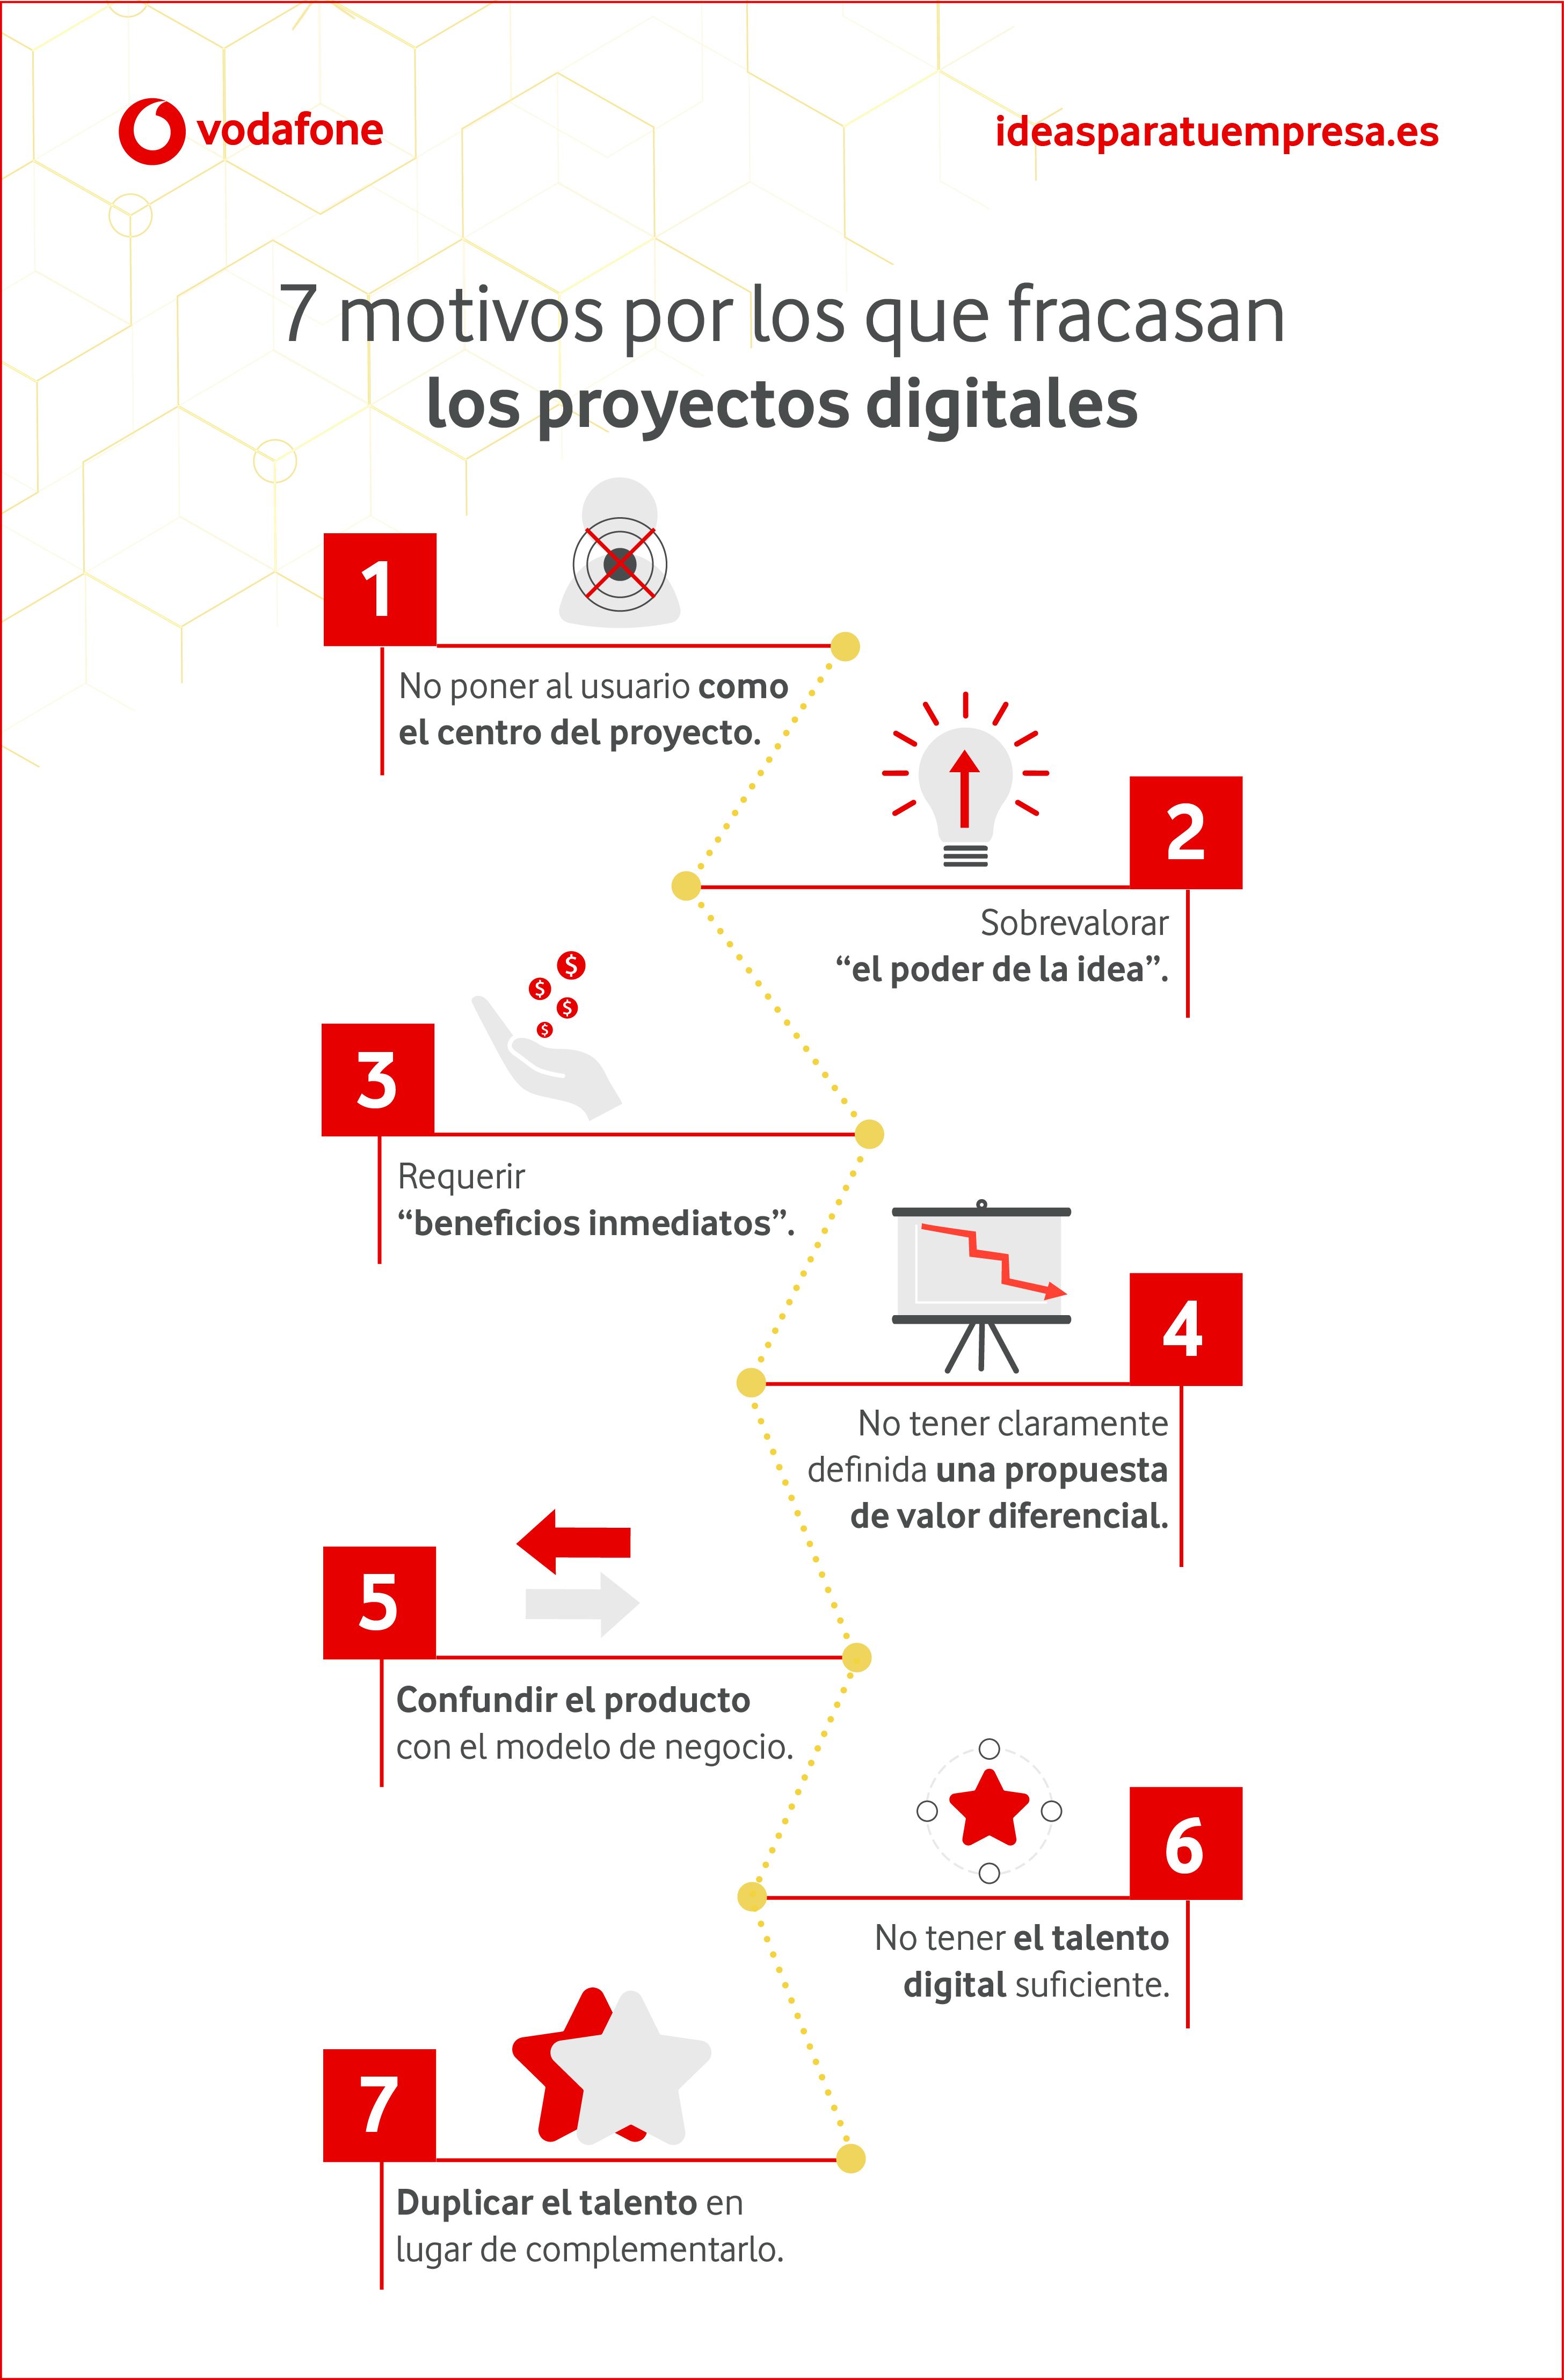 Motivos por los que fracasan los proyectos digitales